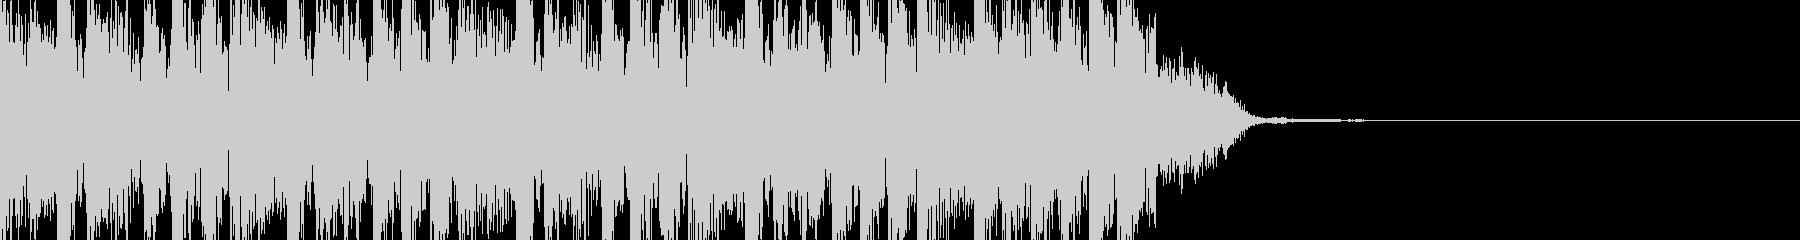 シンキングタイム:テクノダンス10秒の未再生の波形